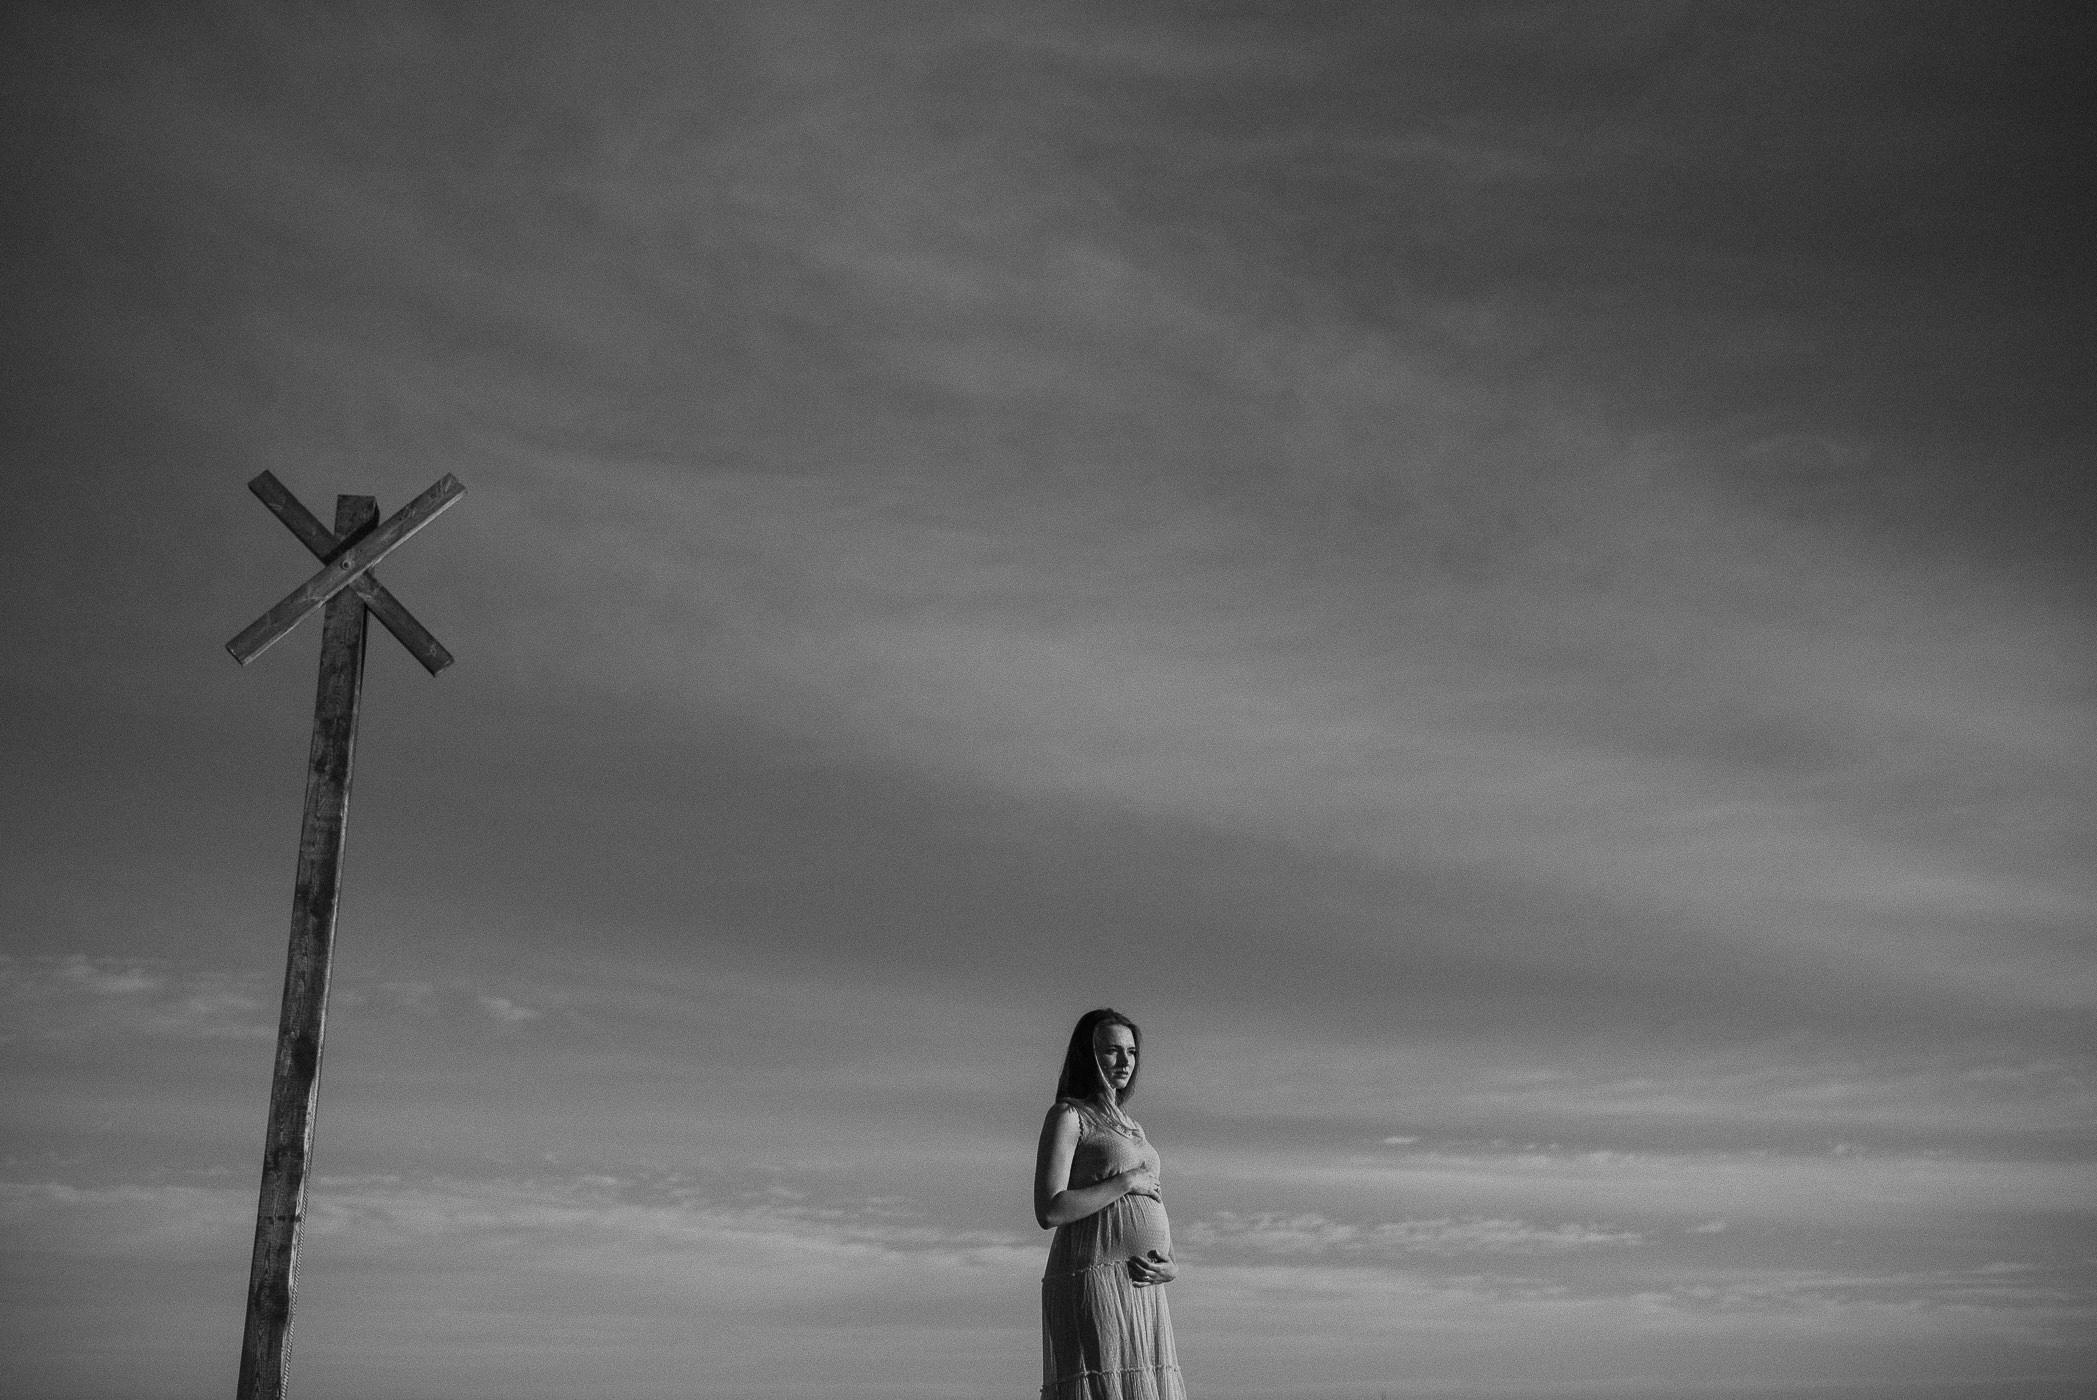 Kunstvolles Schwangerschaftsbild vor Himmel und Kreuz bei toller Sonnenuntergangsstimmung. Sonnenuntergang am Strand, Frau hält sich den dicken Bauch, Schwangere Frau, Wolken, klarer Himmel, schwarz, weiße Bilder einer Frau, fotografiert von Anne und Björn aus Lüneburg bei Hamburg